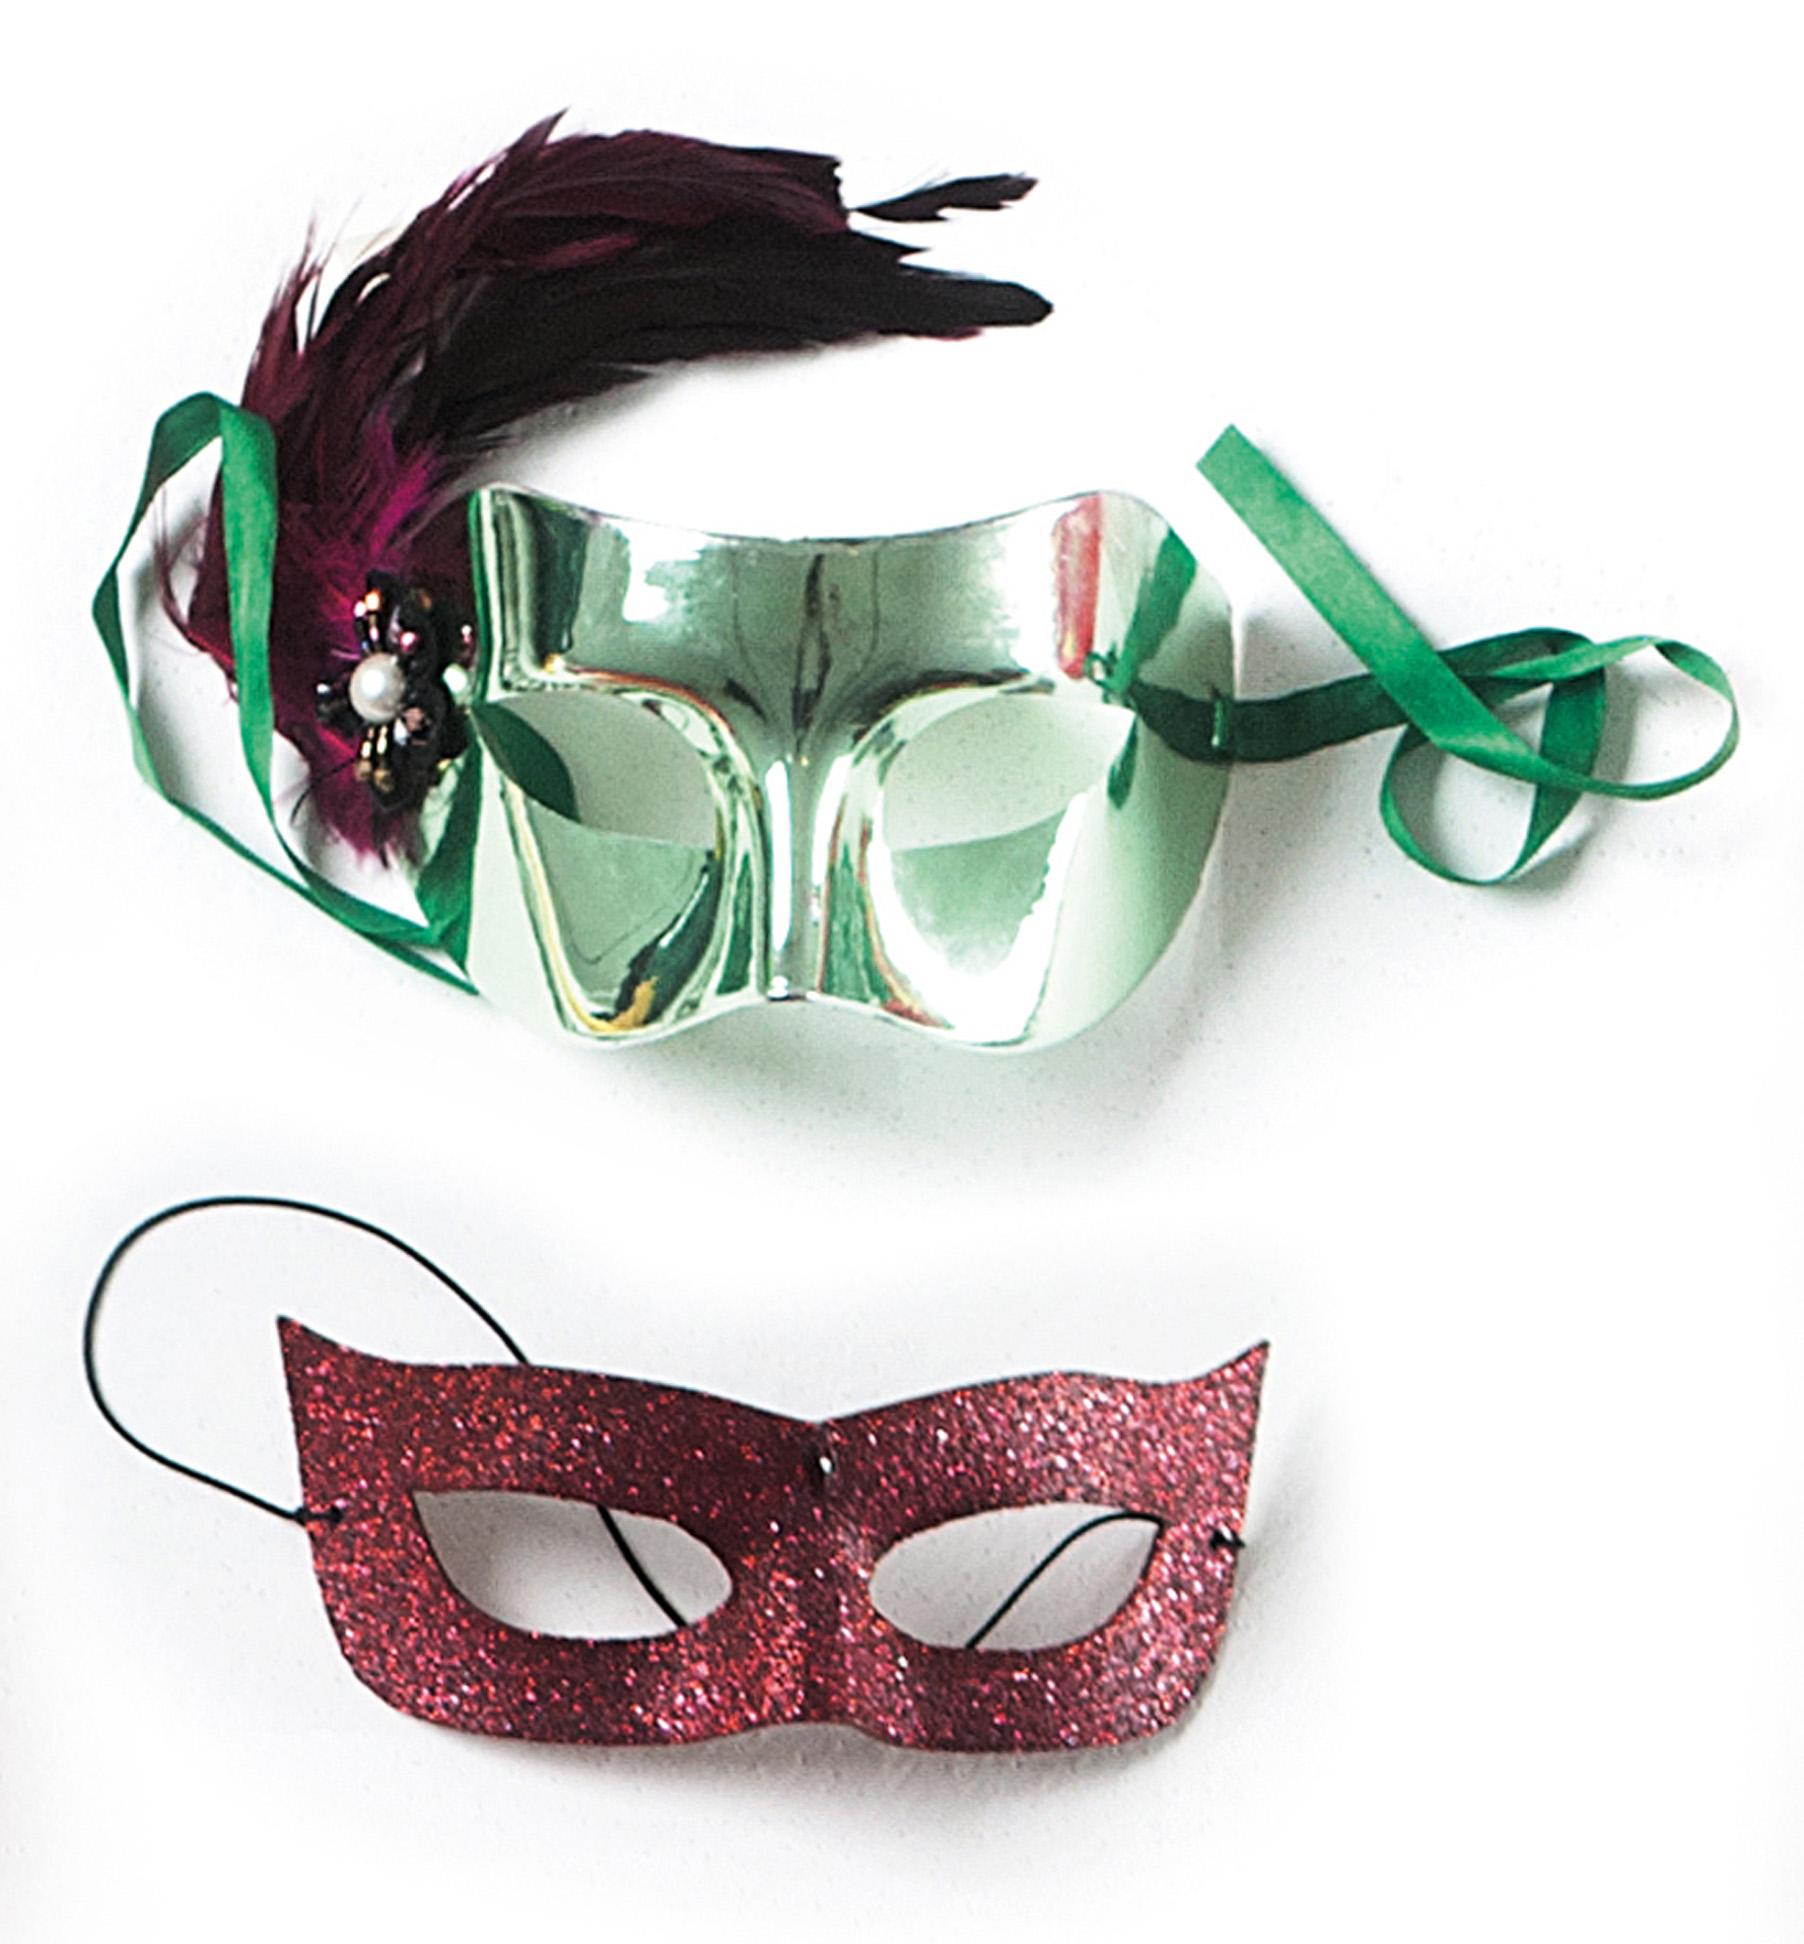 """Máscaras: """"Dão charme e mistério a qualquer fantasia."""""""